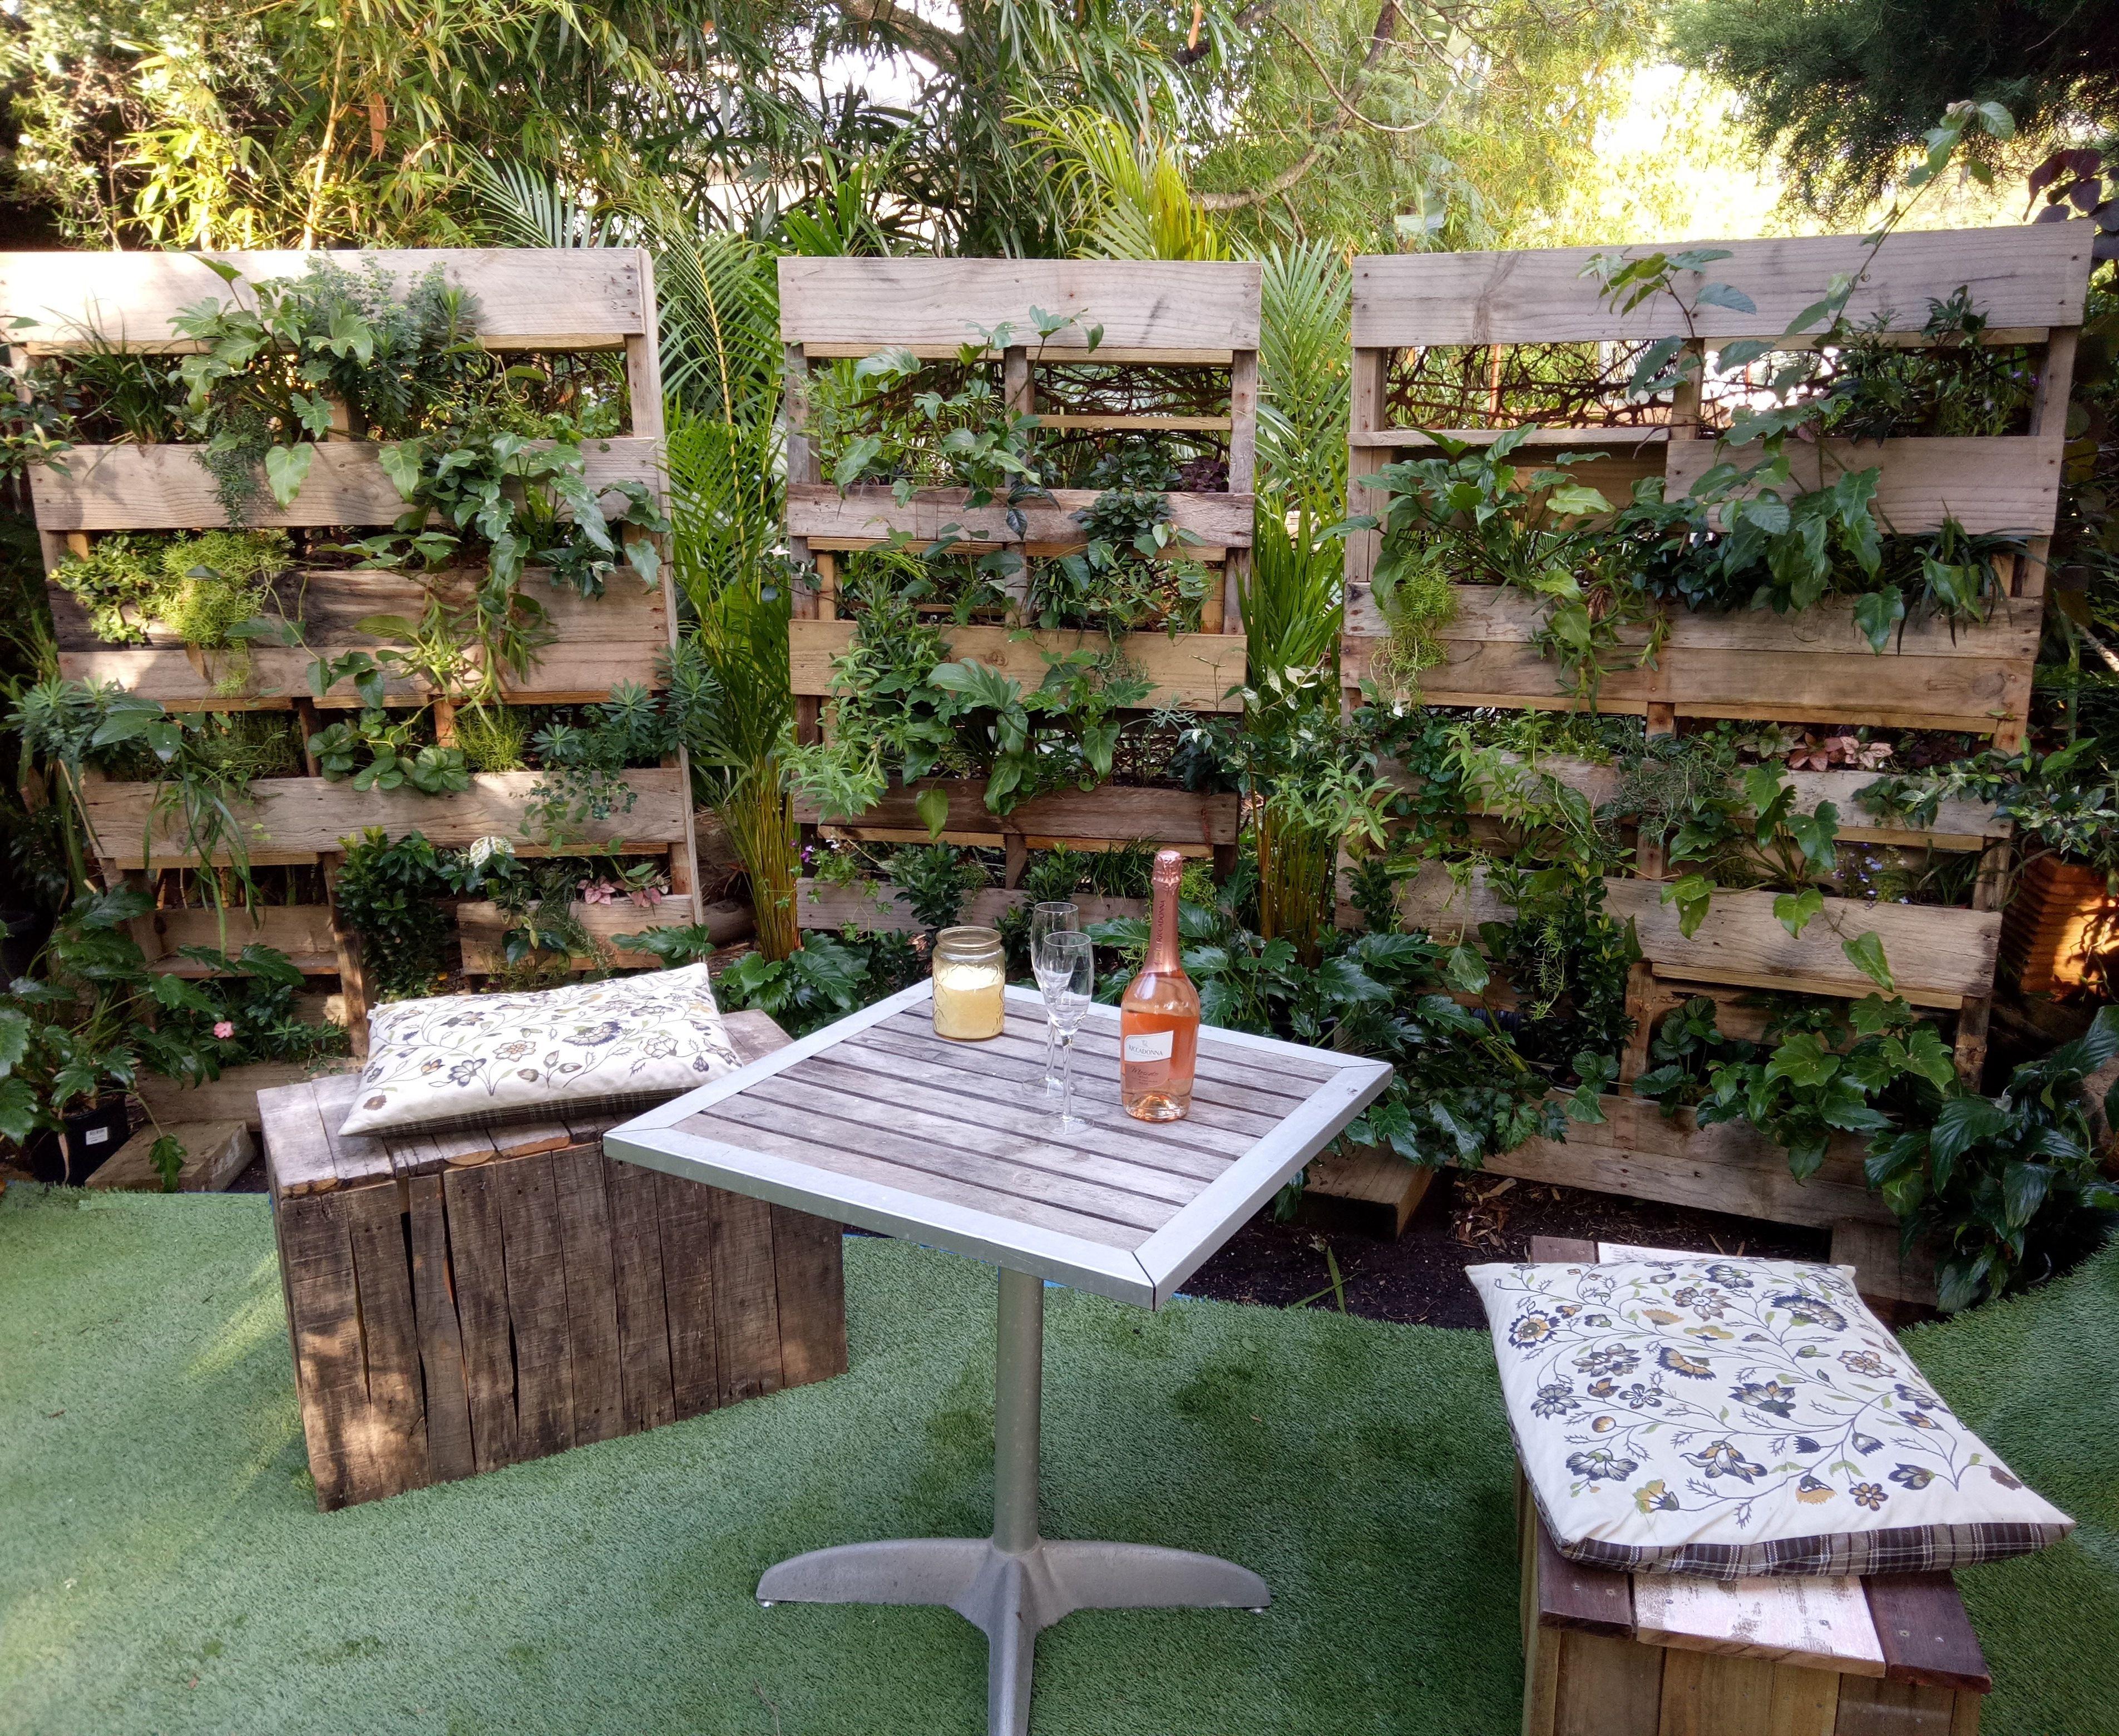 Green Wall Pallet Wall Herb Wall Vertical Garden Pop